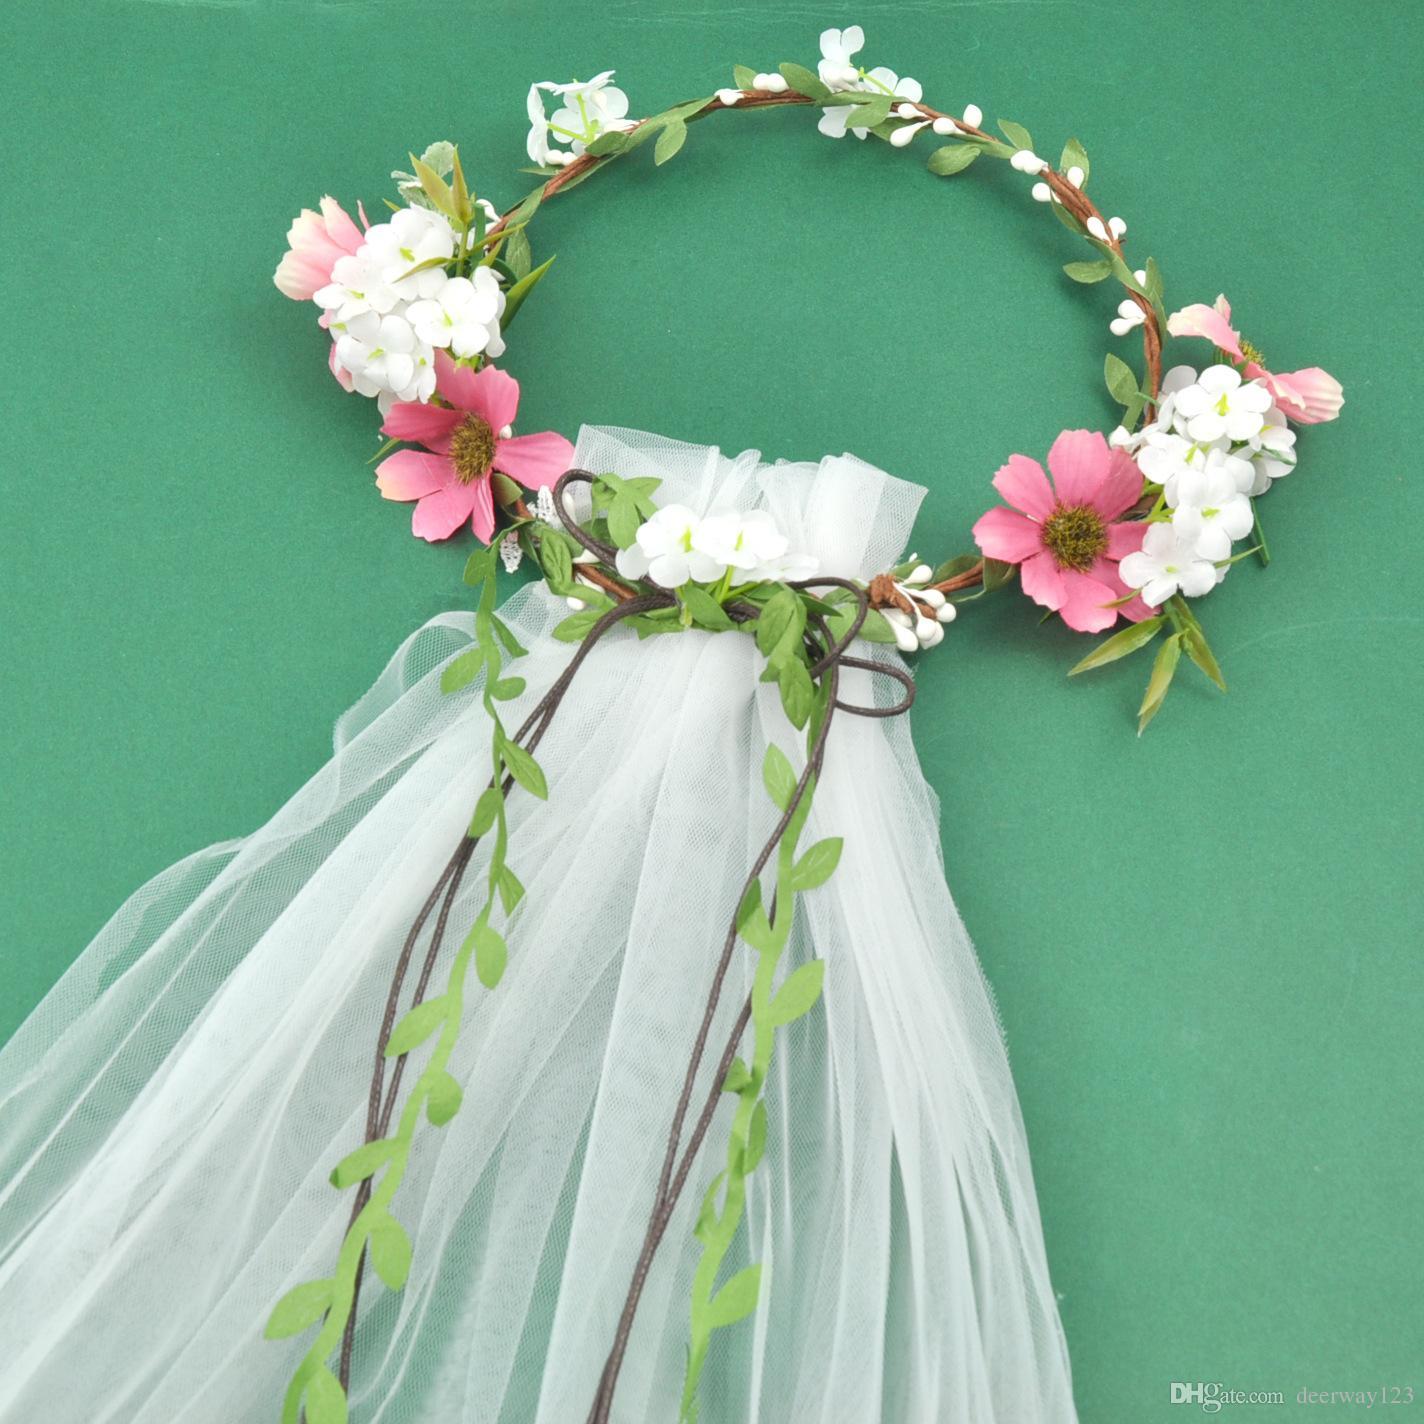 Wedding veil floWer croWn online shopping - Bohemian Hair Crowns Flower  Headbands Women Wedding Veils Beach 1d54b7ecbef